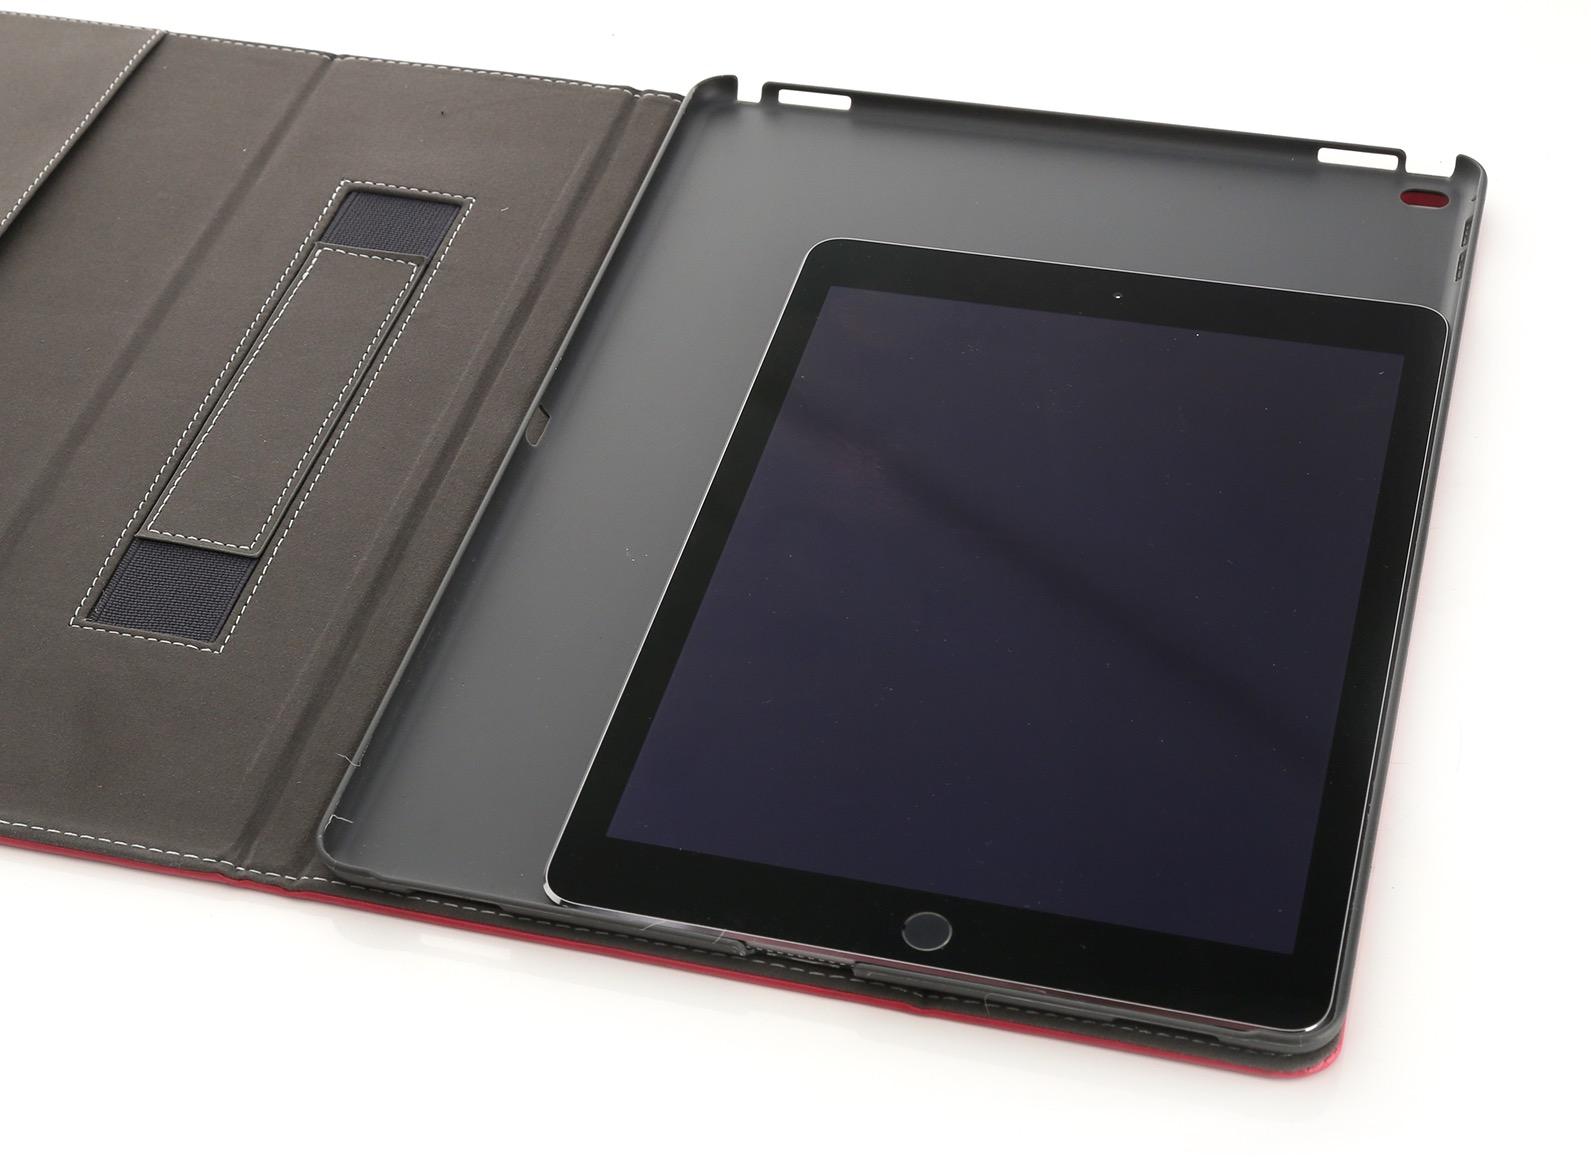 Dimensiunile carcasei lui iPad Air Plus sunt comparate cu cele ale tabletei iPad Air de 9.7 inch